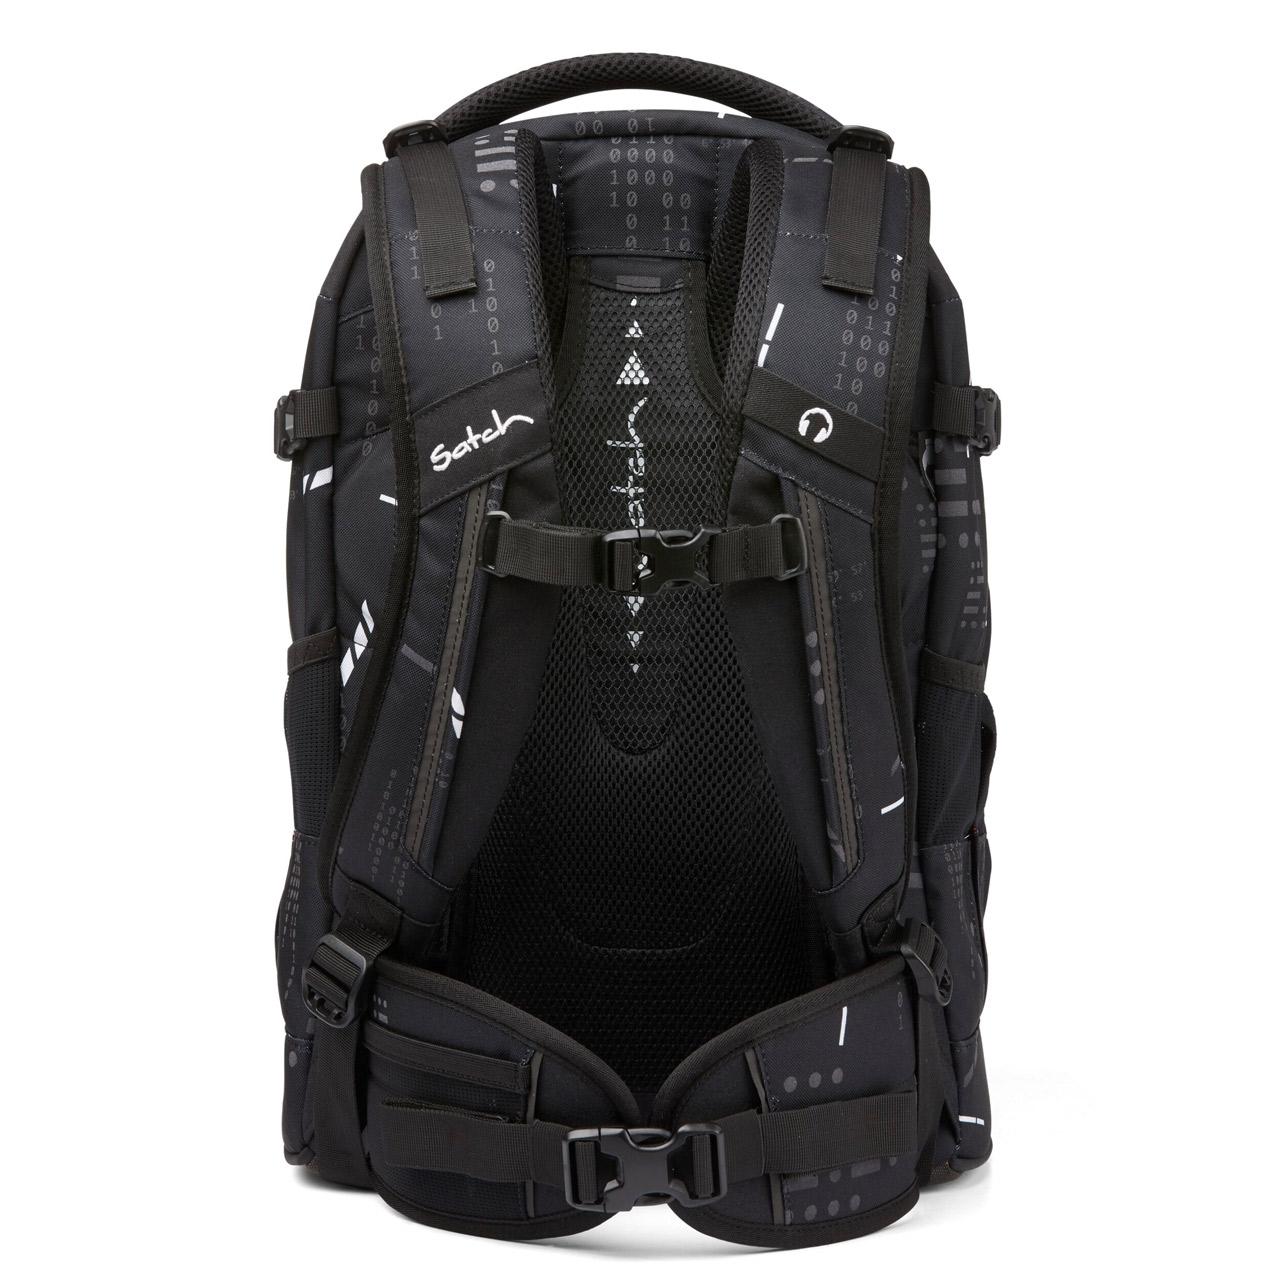 Satch Pack Hátizsák - Ninja Matrix - 3